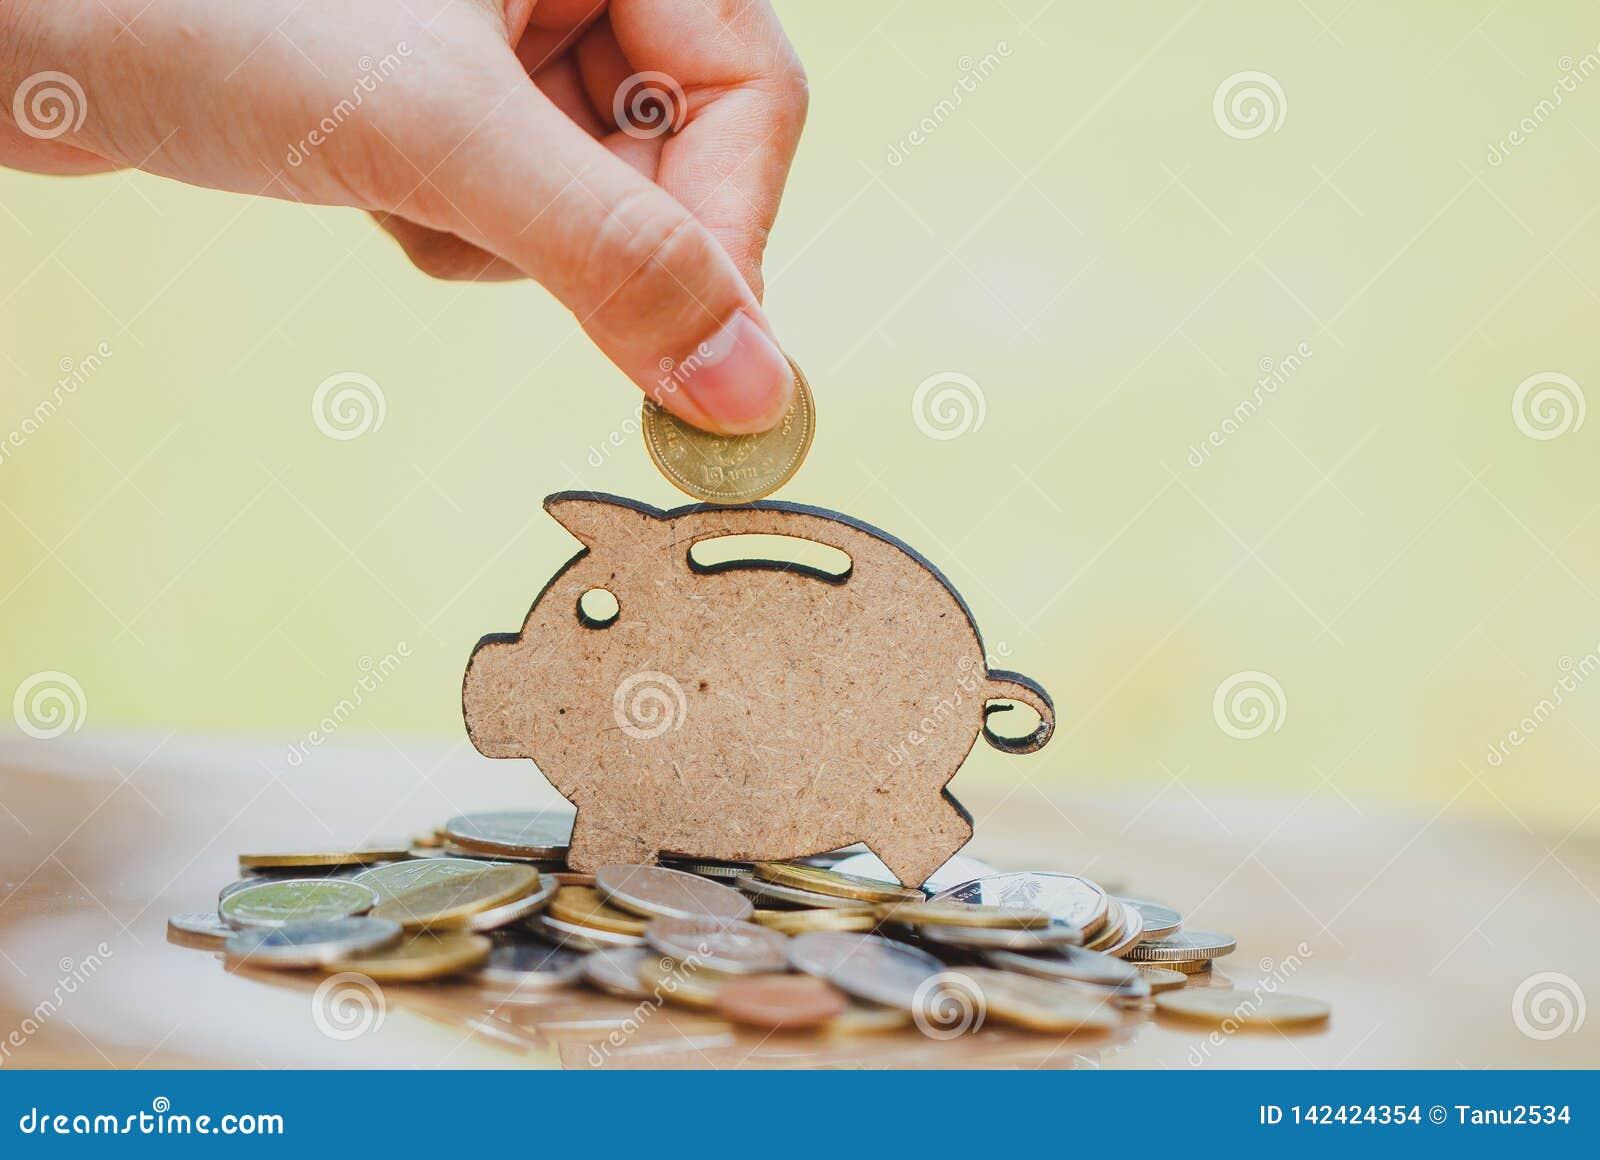 De vrouwelijke hand muntstuk zetten en de stapel die muntstukken in concept besparingen en geld het groeien of energie sparen